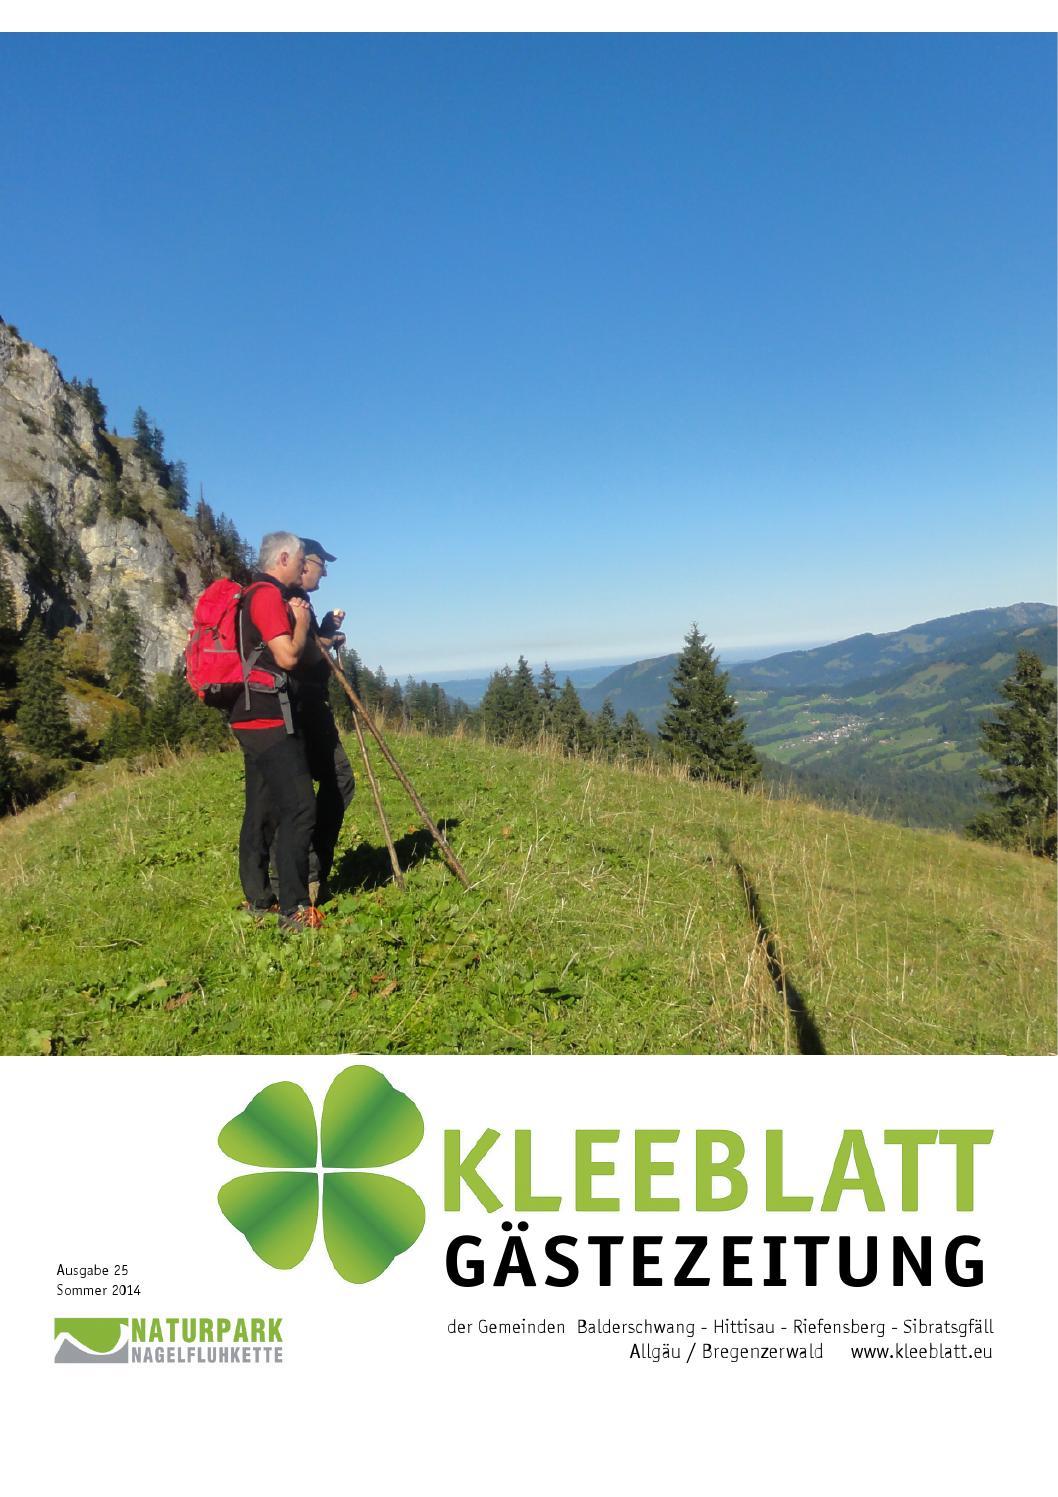 Sittersdorf wo mnner kennenlernen: Single frau gnas